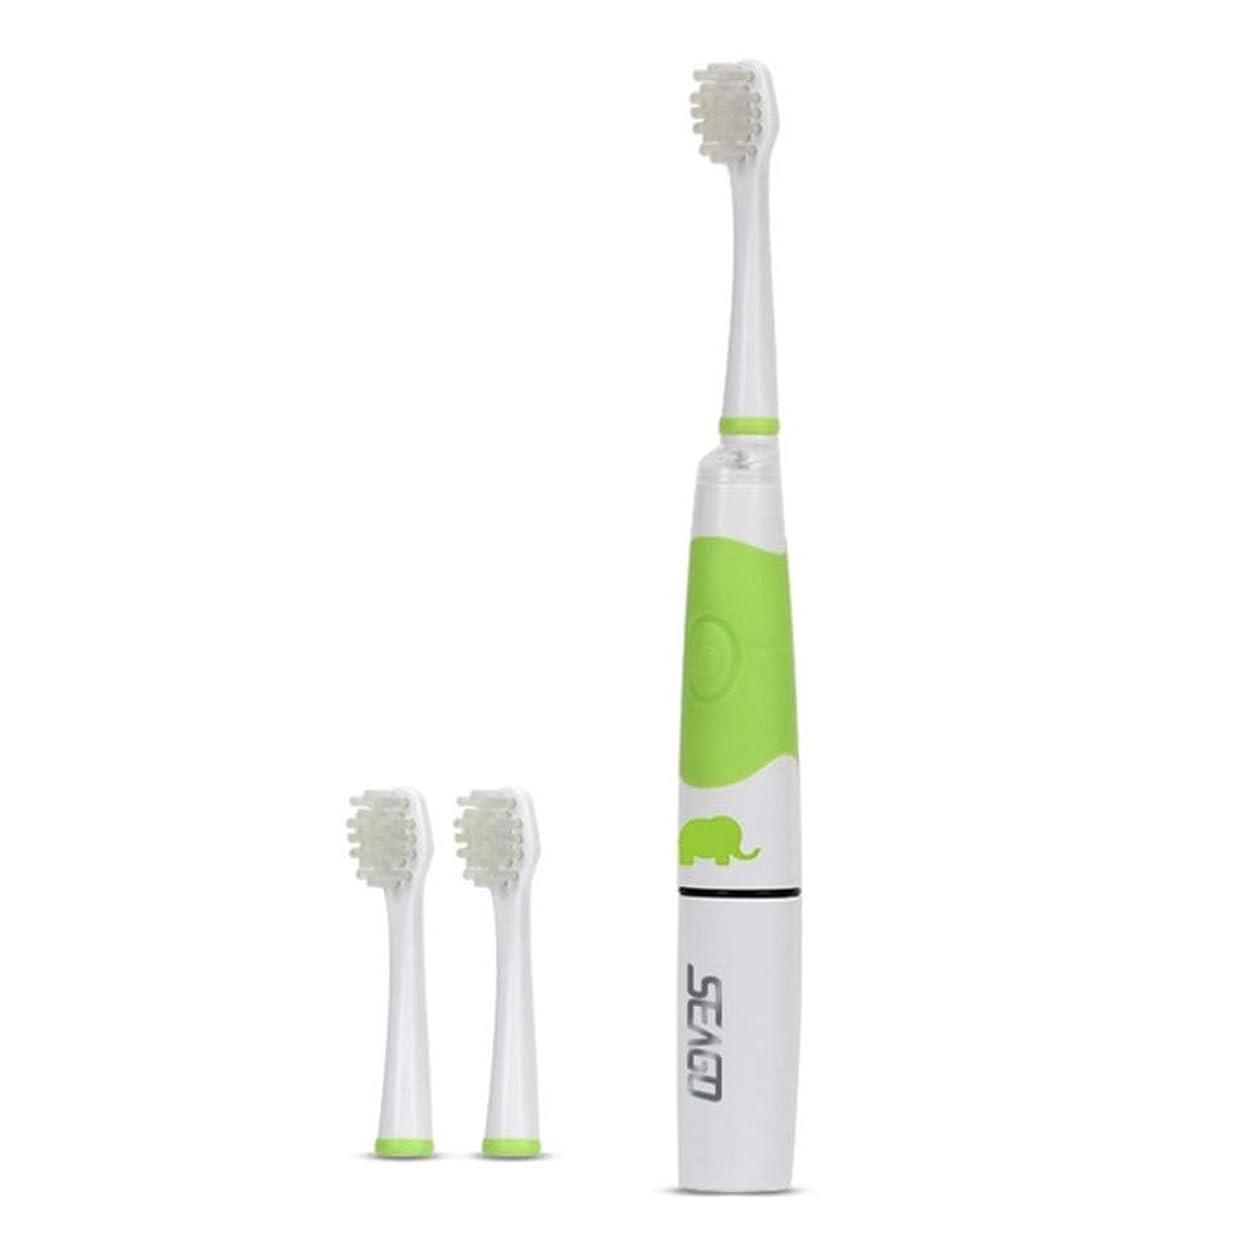 広まった結婚式連続したSOOKi 子供ソニック電動歯ブラシLEDライトキッズソニック歯ブラシスマートリマインダー赤ちゃんの歯ブラシ幼児歯ブラシで余分2交換可能なブラシヘッド用2-7子供,Green